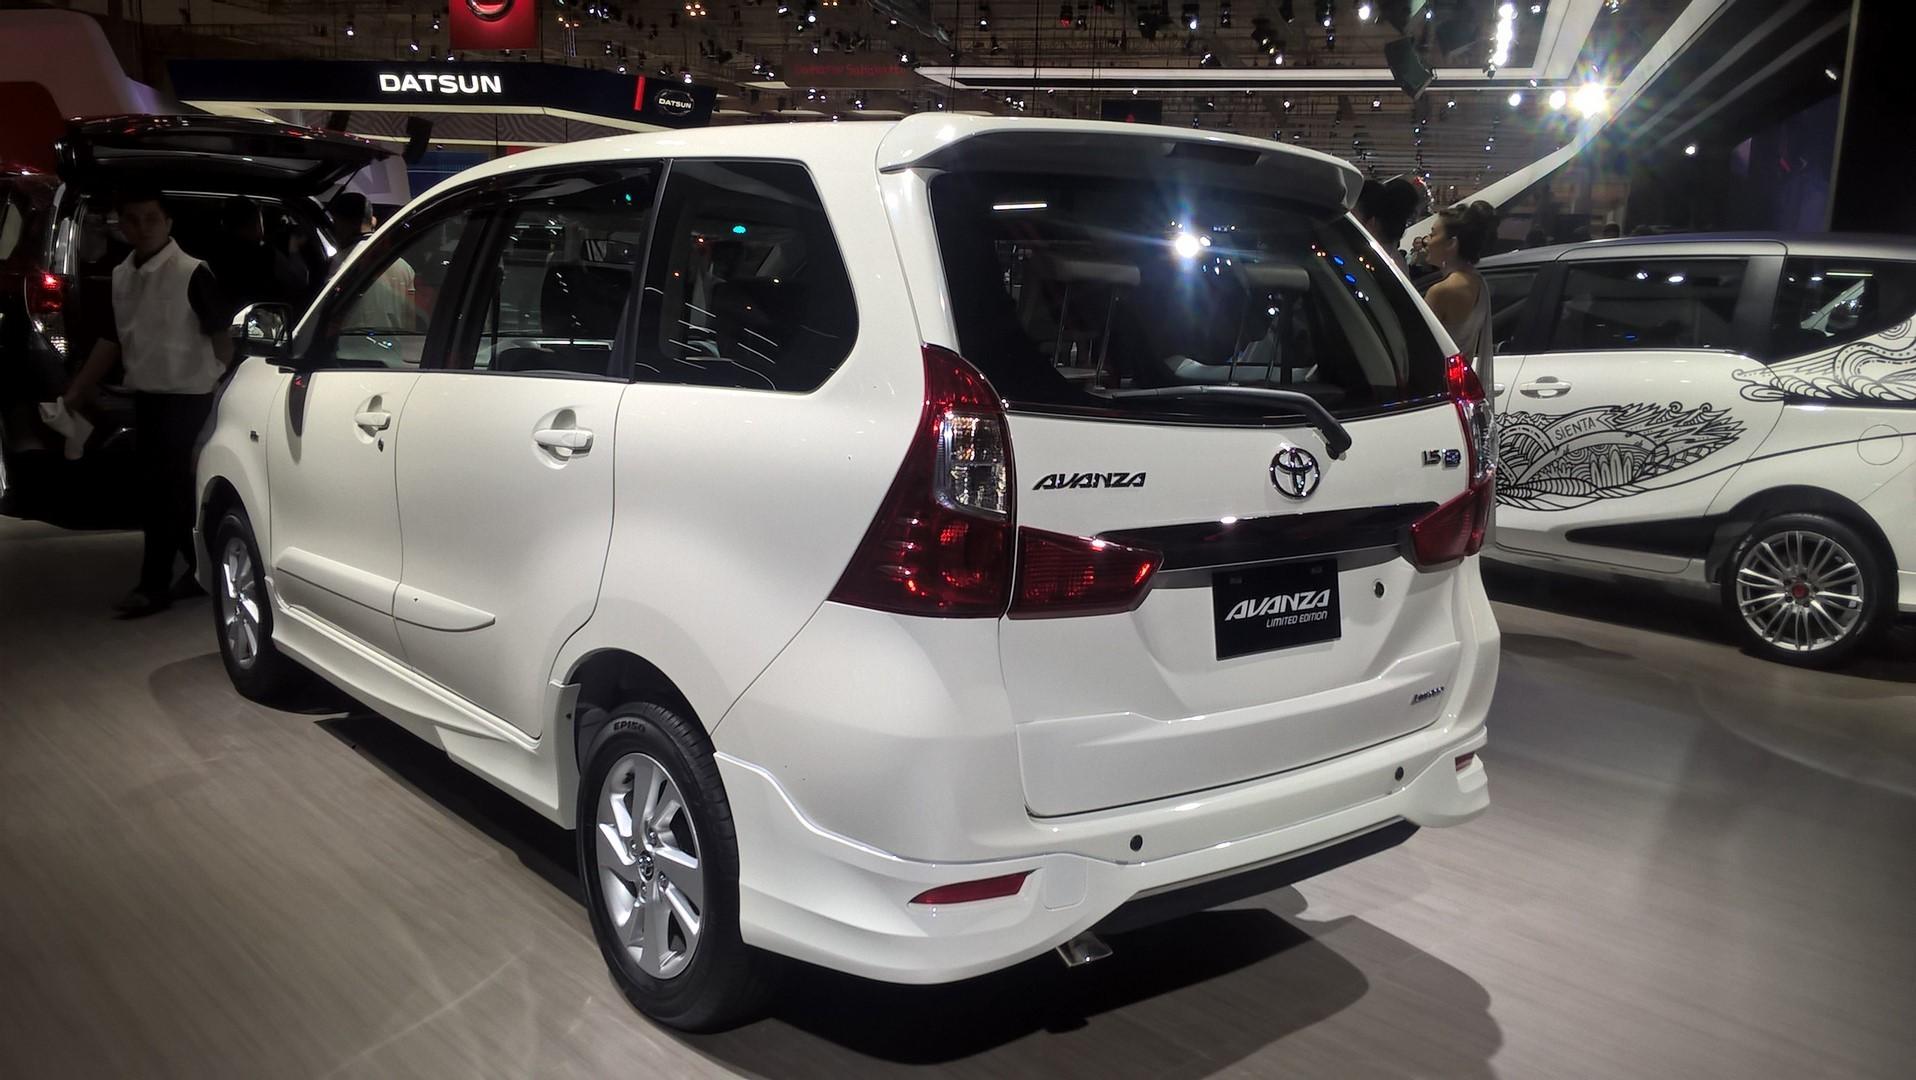 Xe++ - Toyota Avanza Limited Edition 'mượn' động cơ từ Vios (Hình 5).